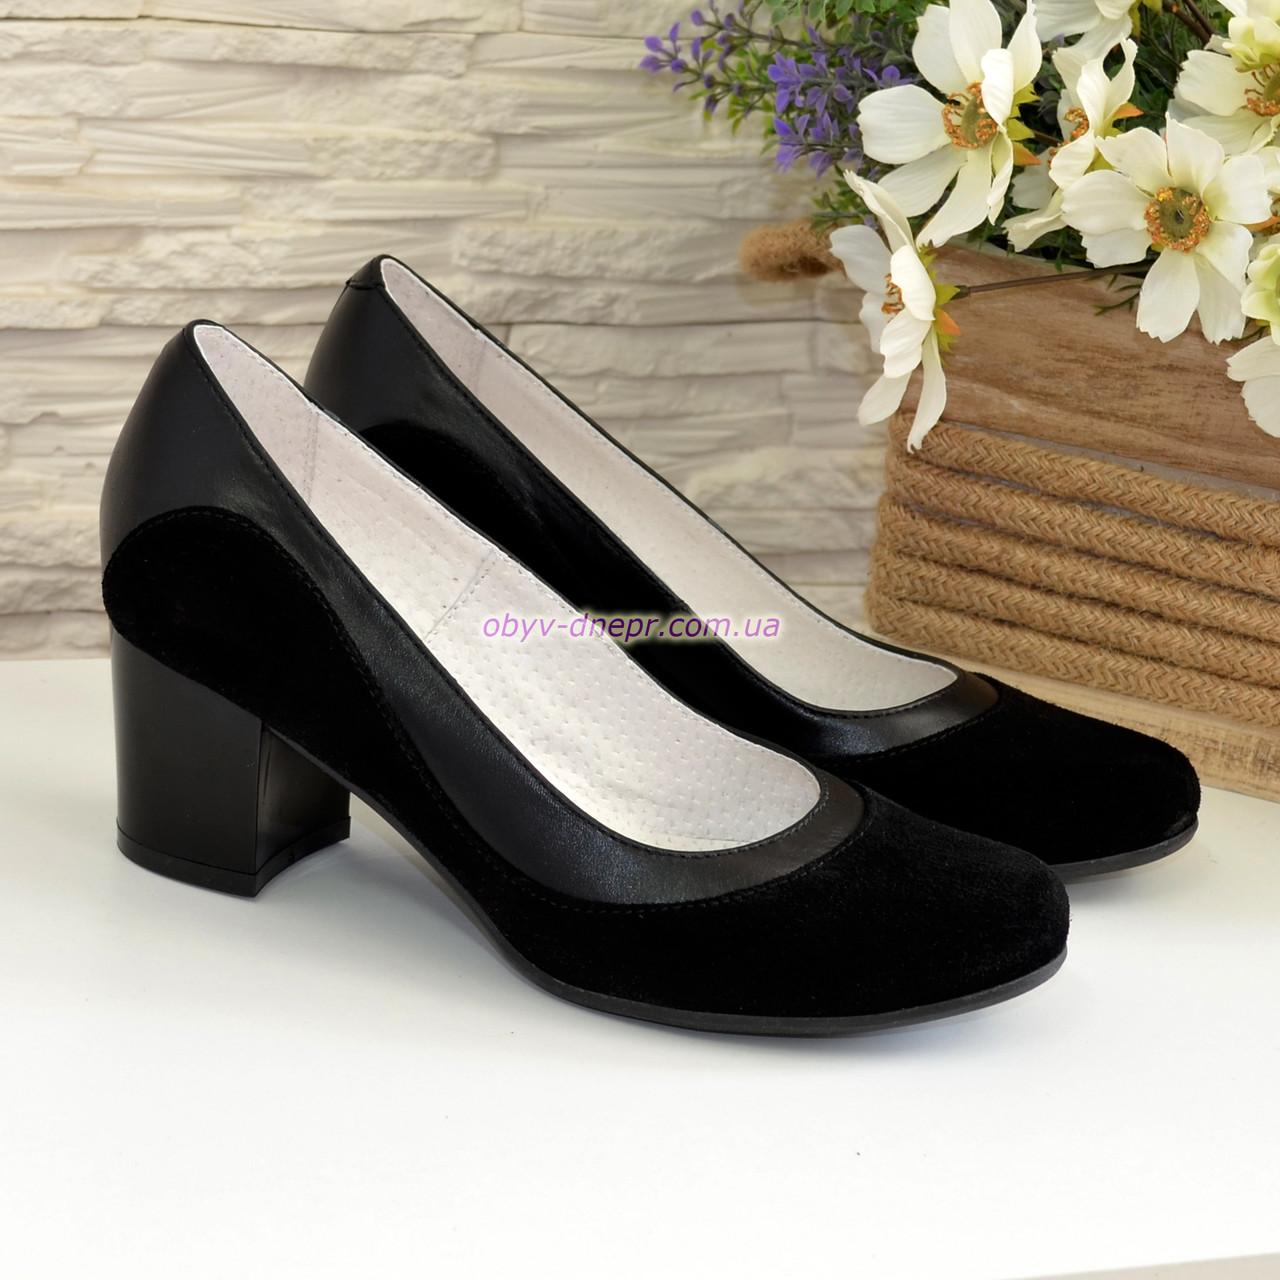 Женские классические туфли на невысоком устойчивом каблуке, натуральные замша и кожа